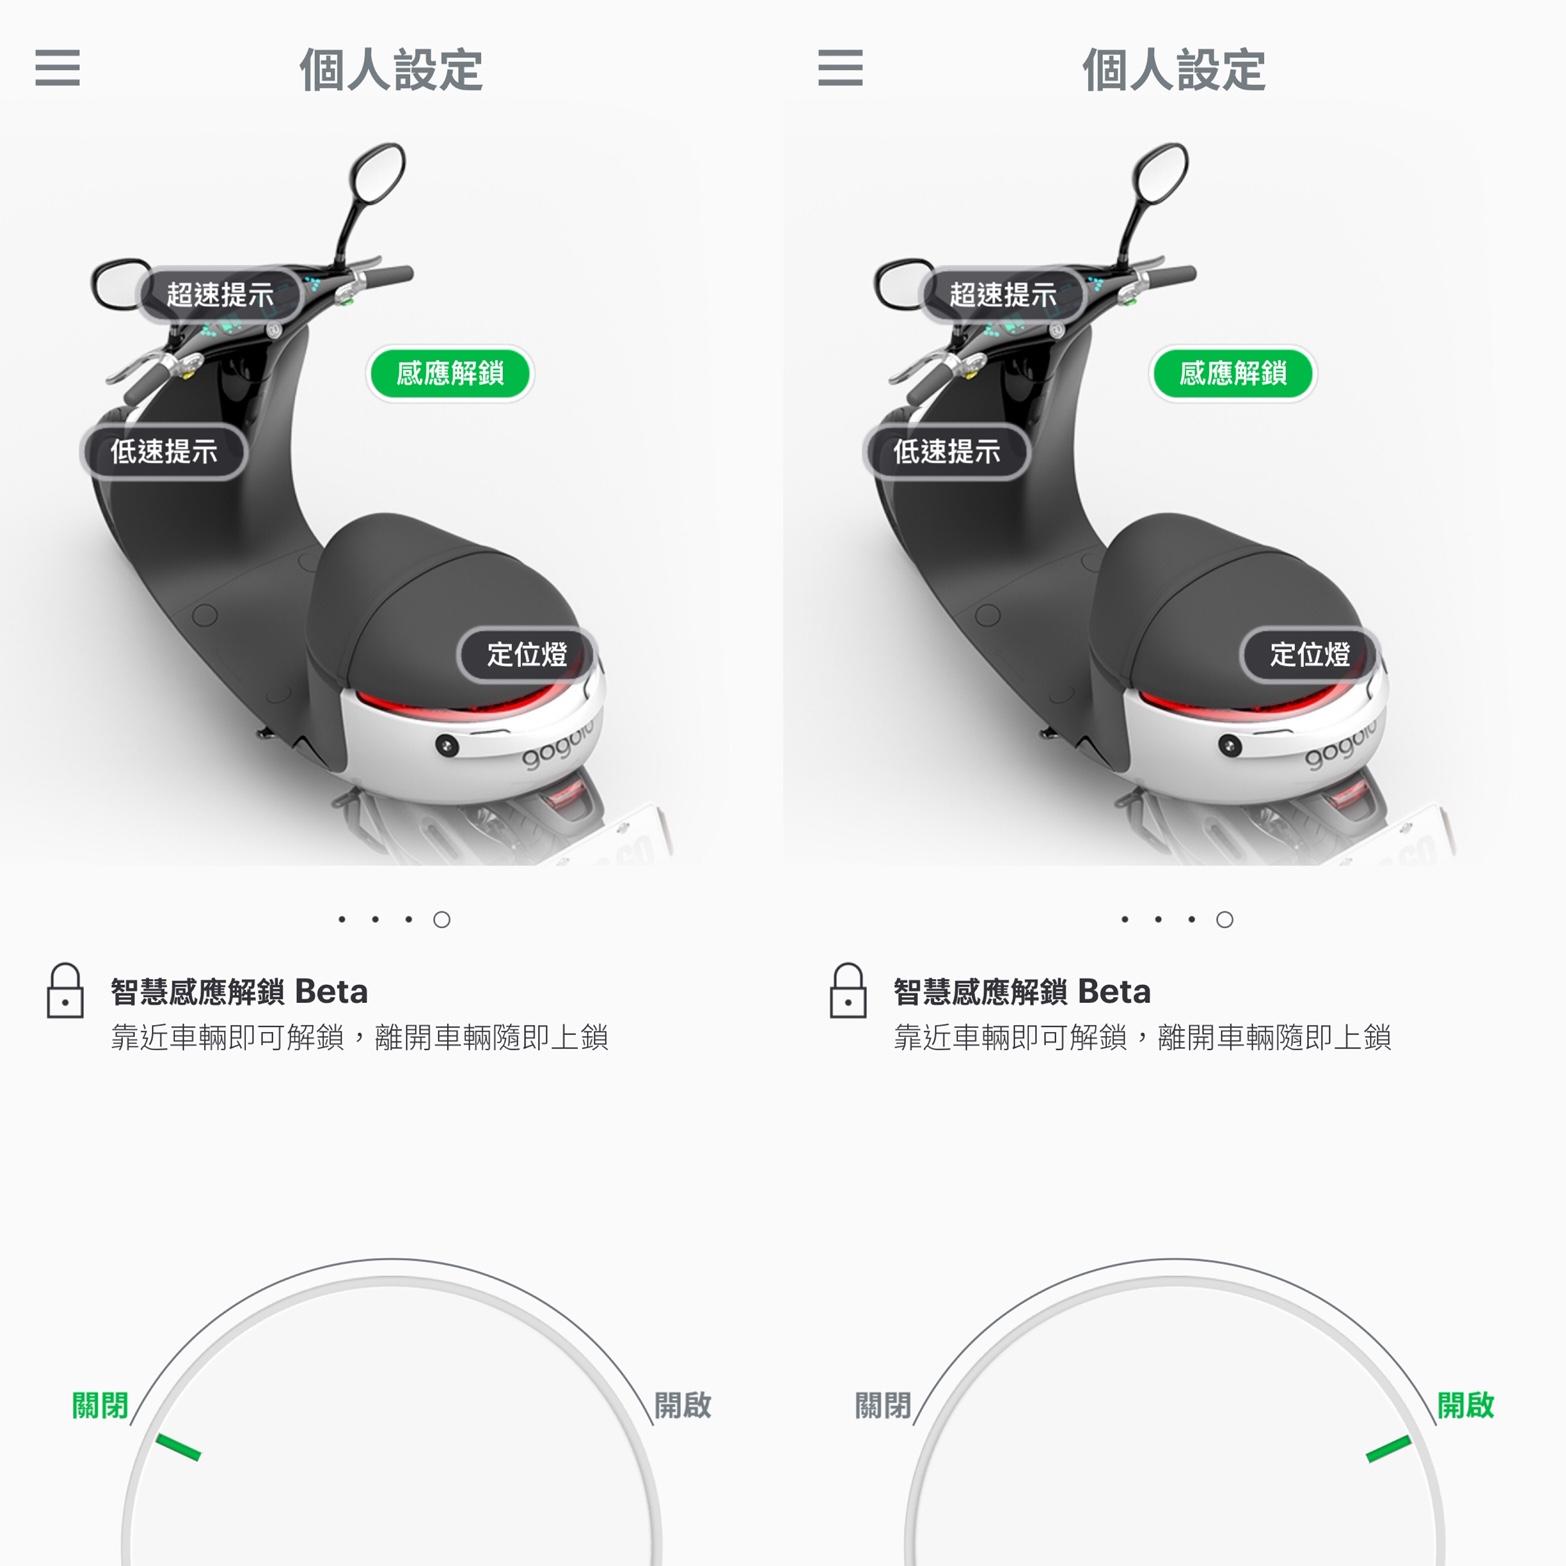 3C老實說 · 氣象部落客勞倫斯: [機車] [心得] Gogoro 手機自動感應解鎖體驗:越騎越新的 iQ System 智慧系統 5.0